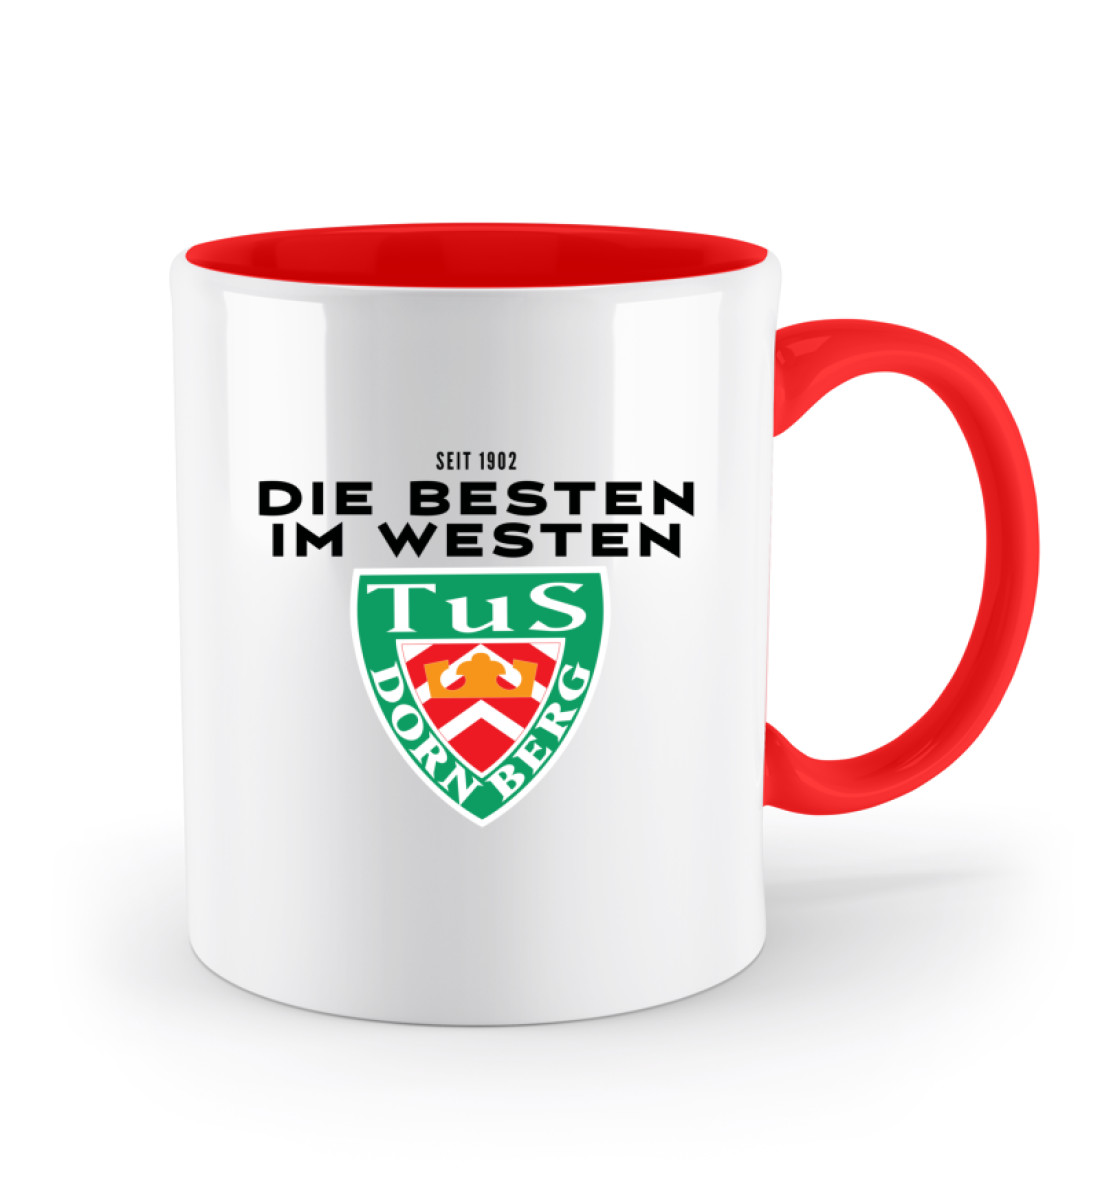 Die Besten im Westen - Zweifarbige Tasse-5761